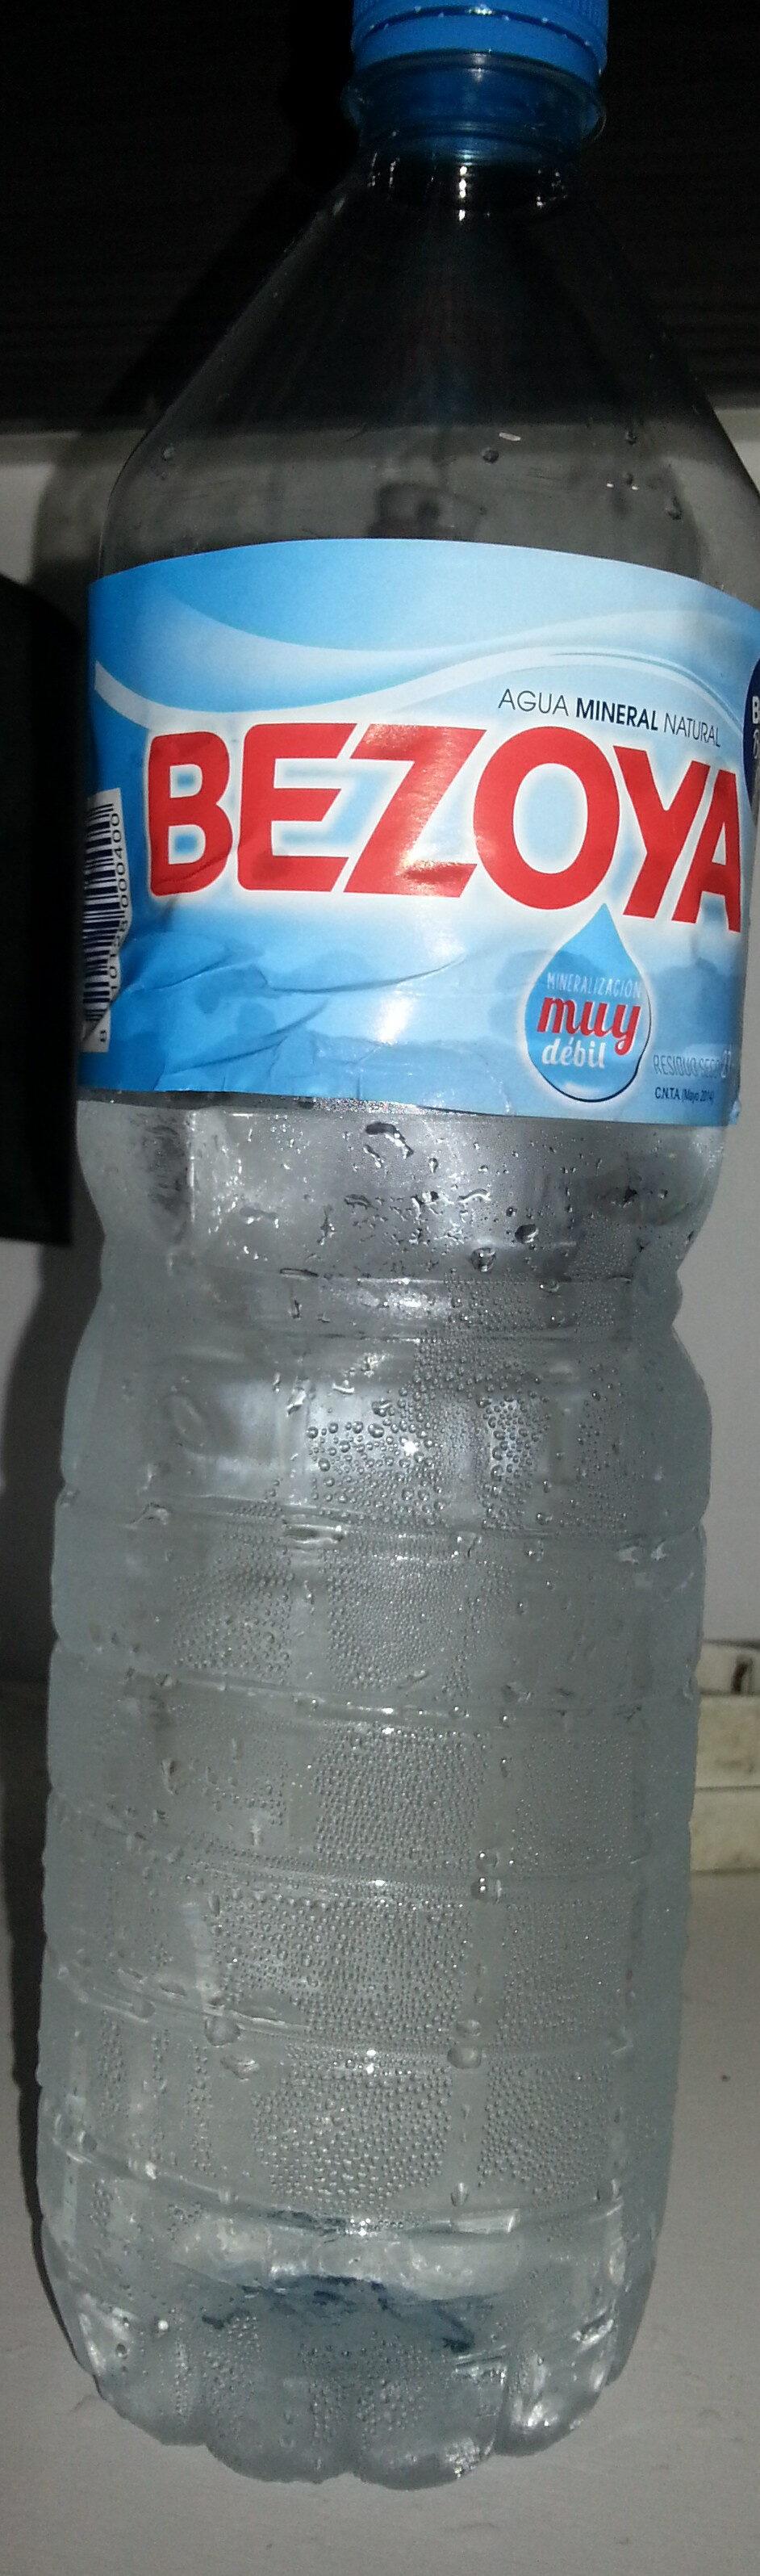 Agua mineral natural - Producte - es